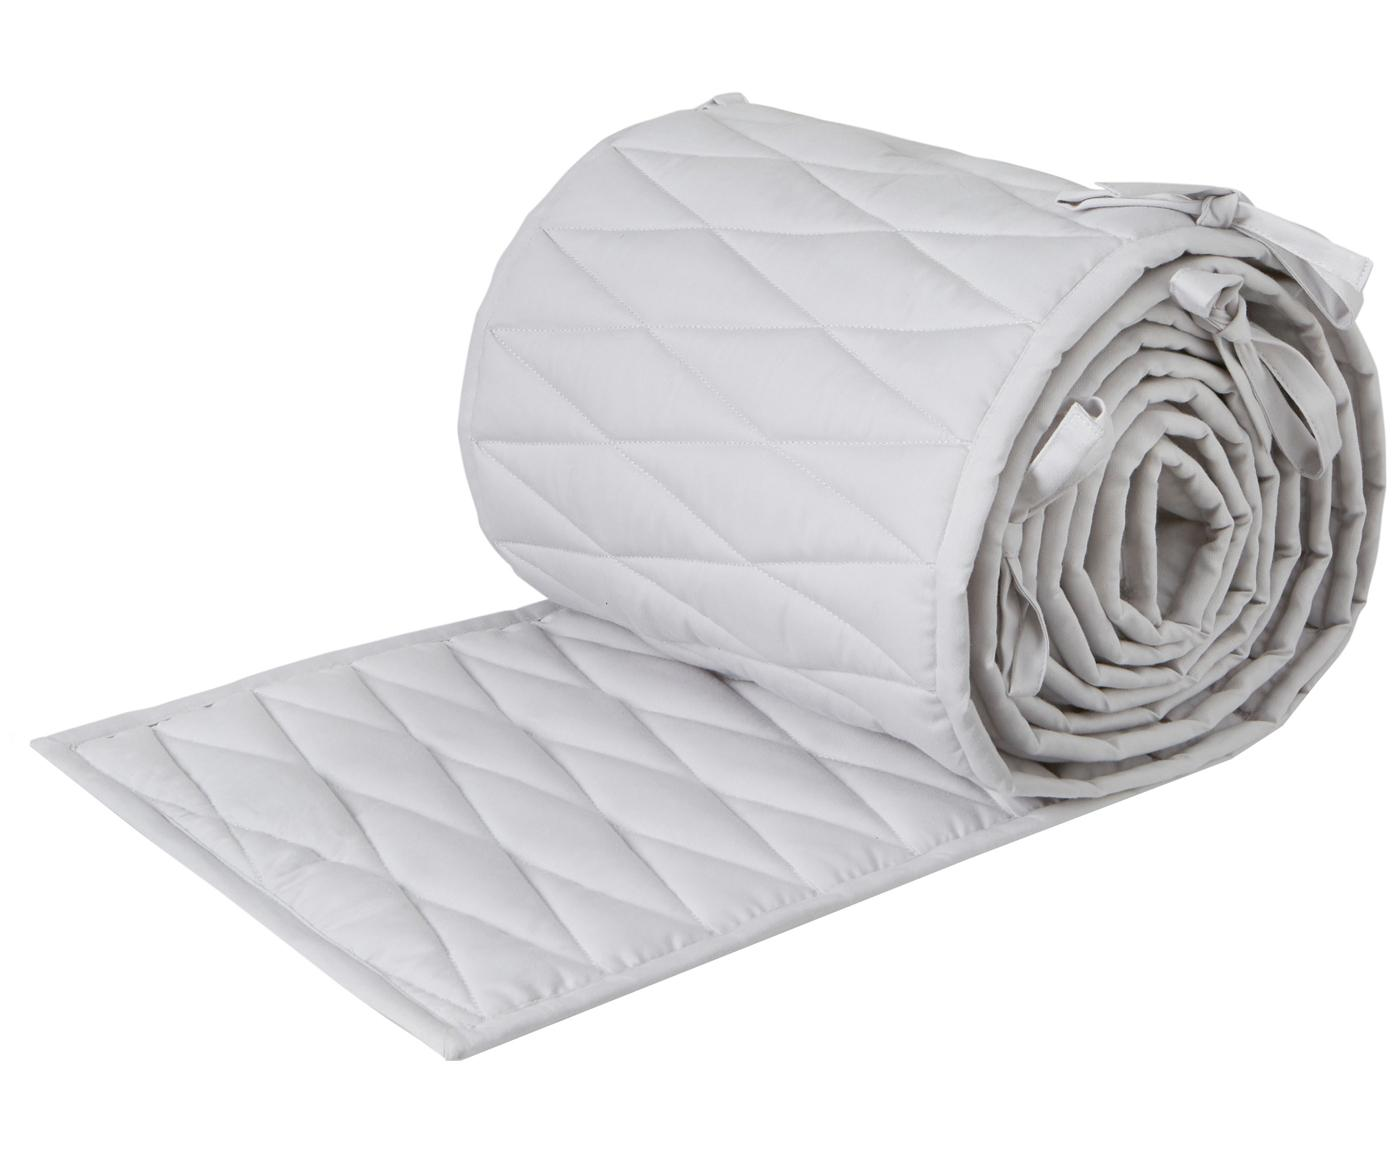 Chichonera cuna de algodón ecológico Safe, Exterior: algodón orgánico, Gris claro, An 30 x L 365 cm